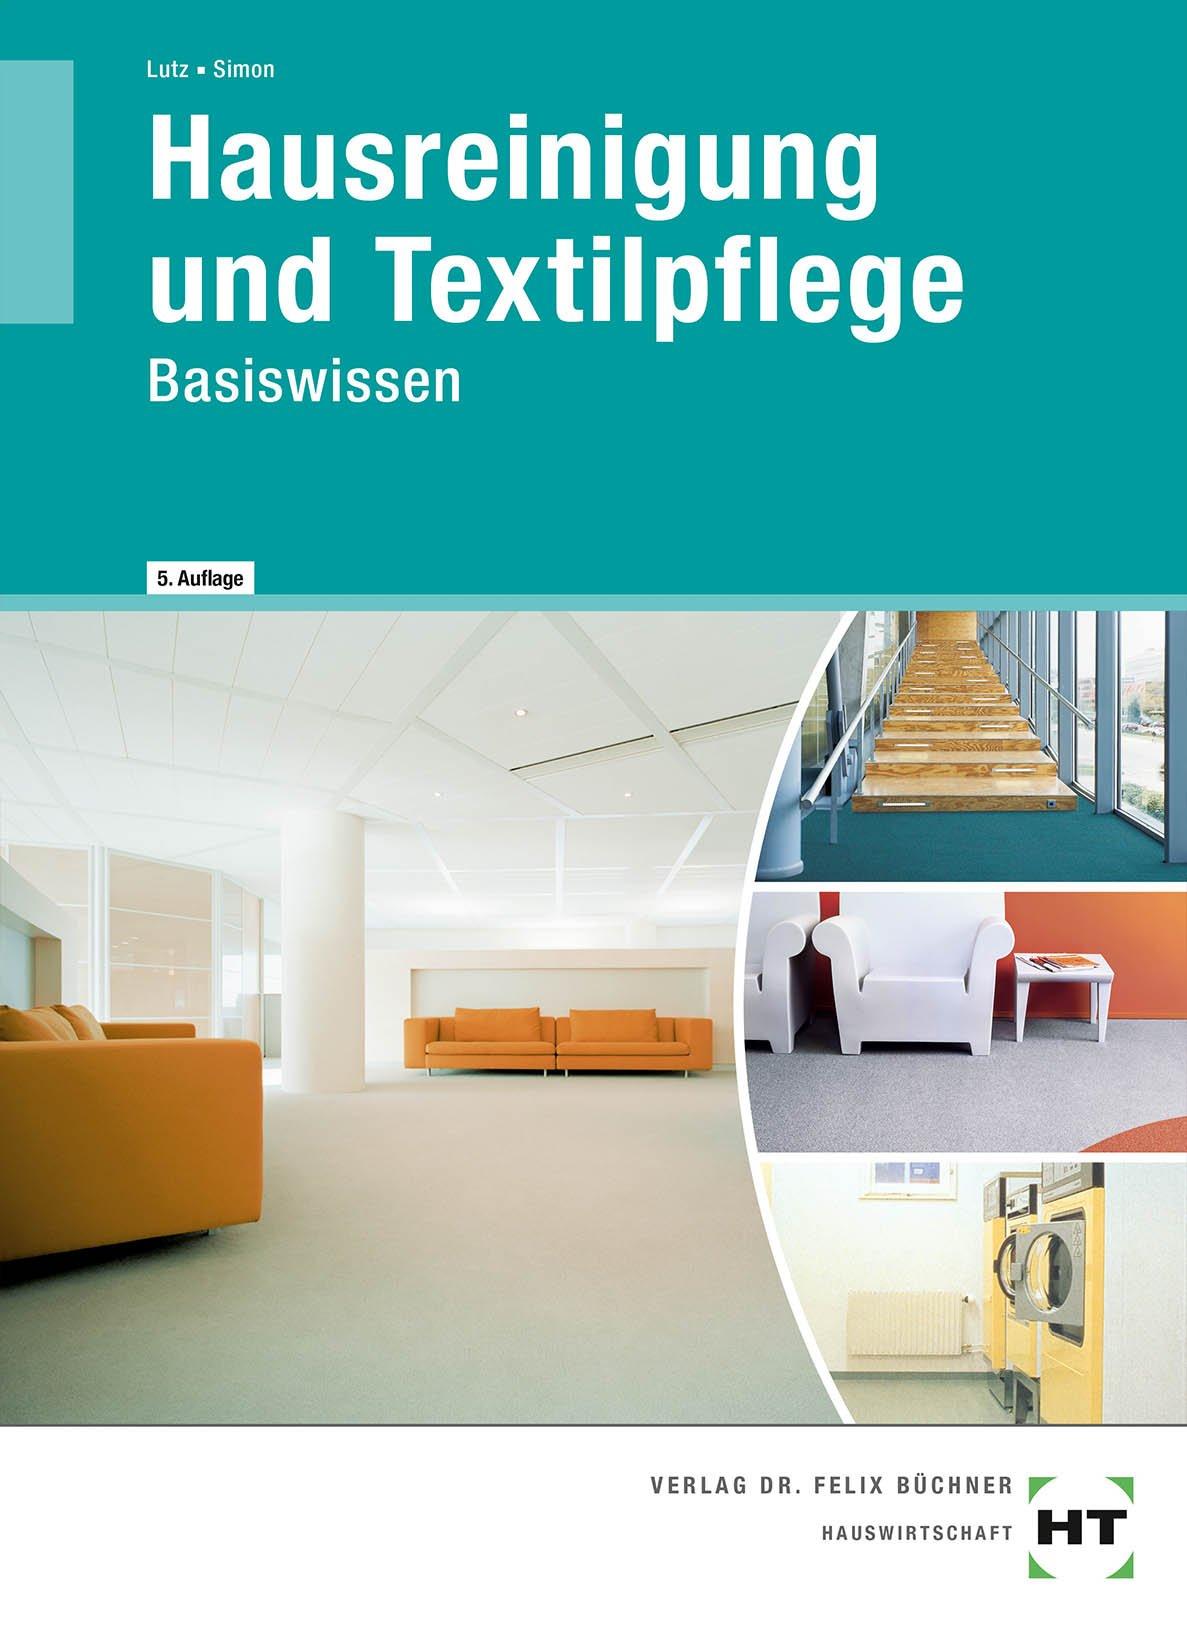 Hausreinigung und Textilpflege: Basiswissen für die Berufsvorbereitung in der Hauswirtschaft